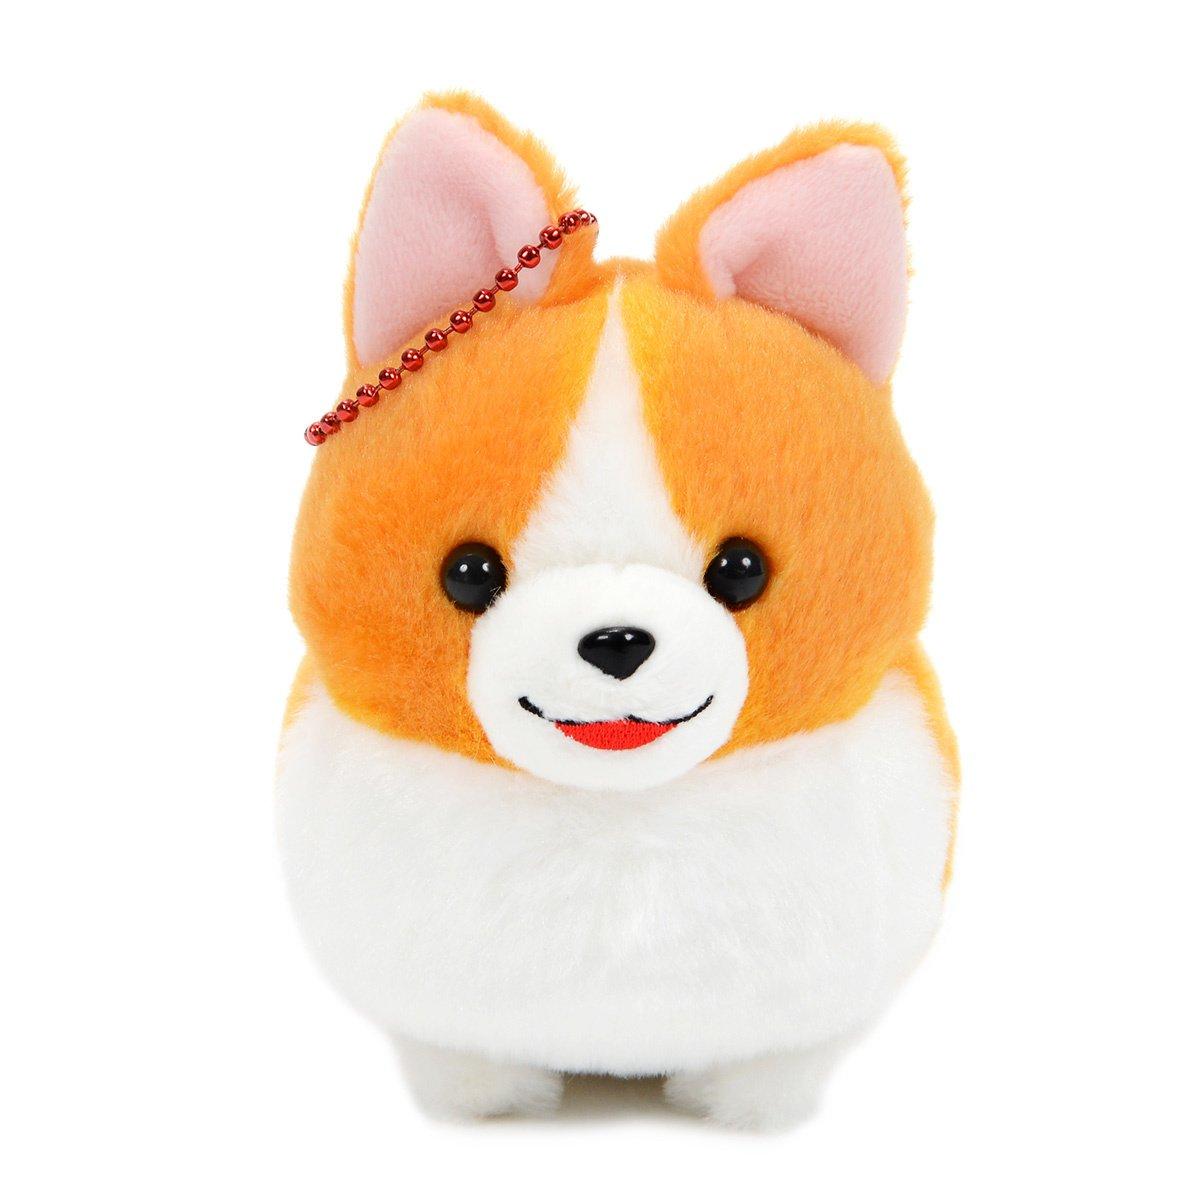 Amuse Ichi Ni no Corgi Plush Collection Small Dog Plush Ichi 4 Inches